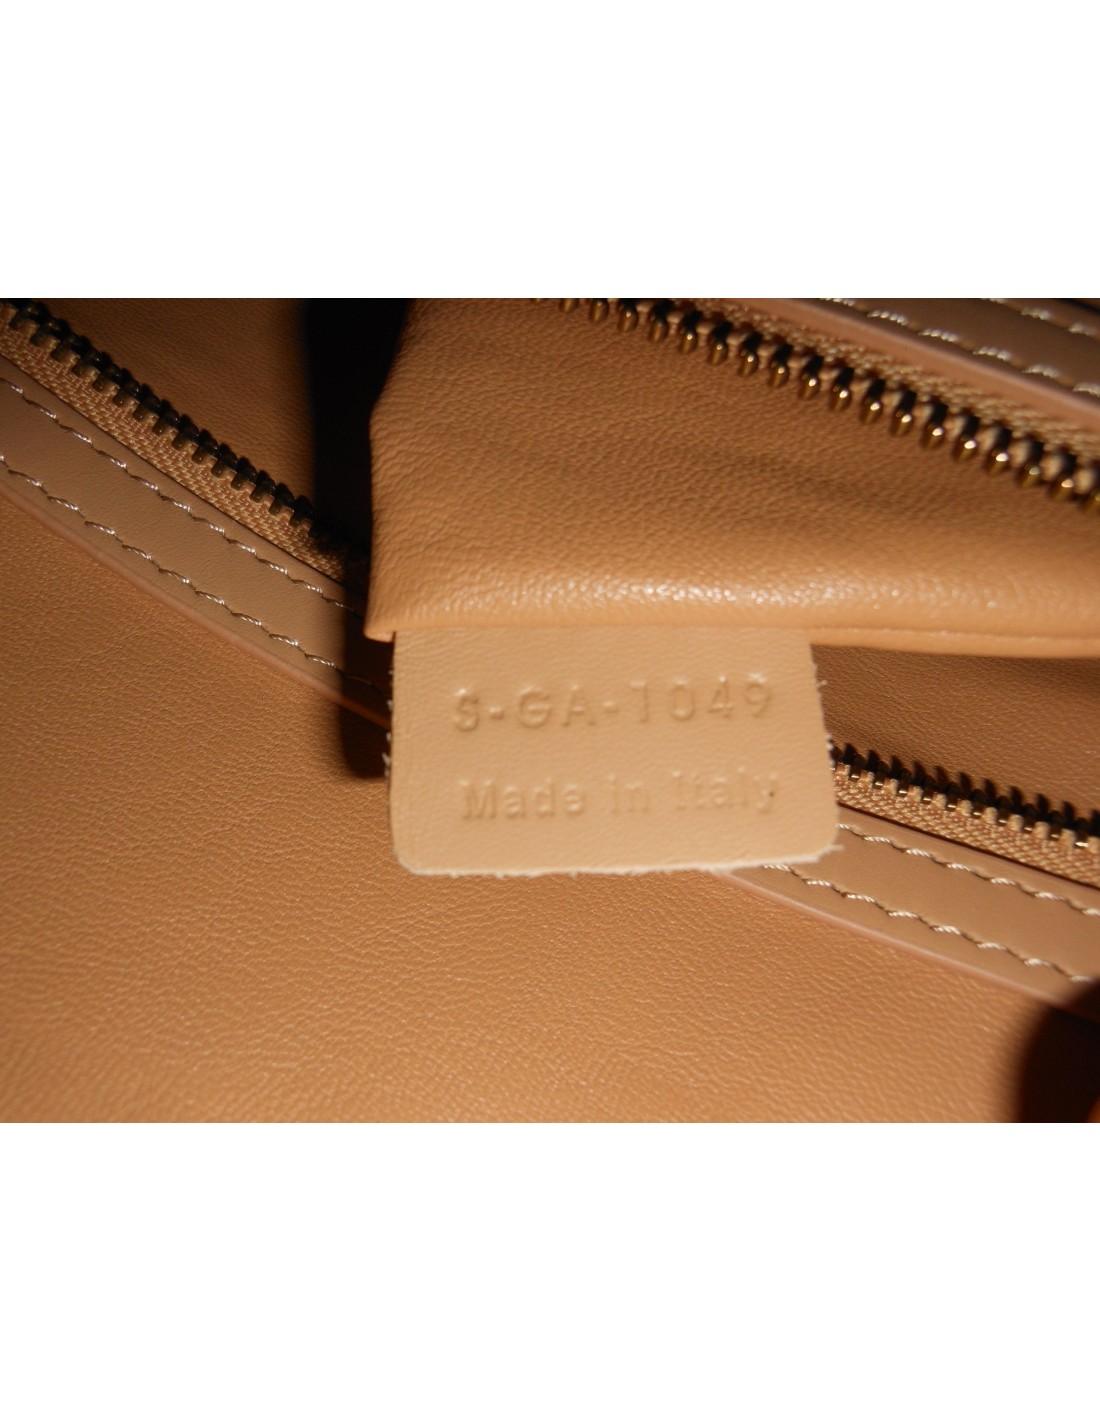 2a16e1a981 SAC MINI LUGGAGE CELINE BEIGE - Atoutluxe Boutique